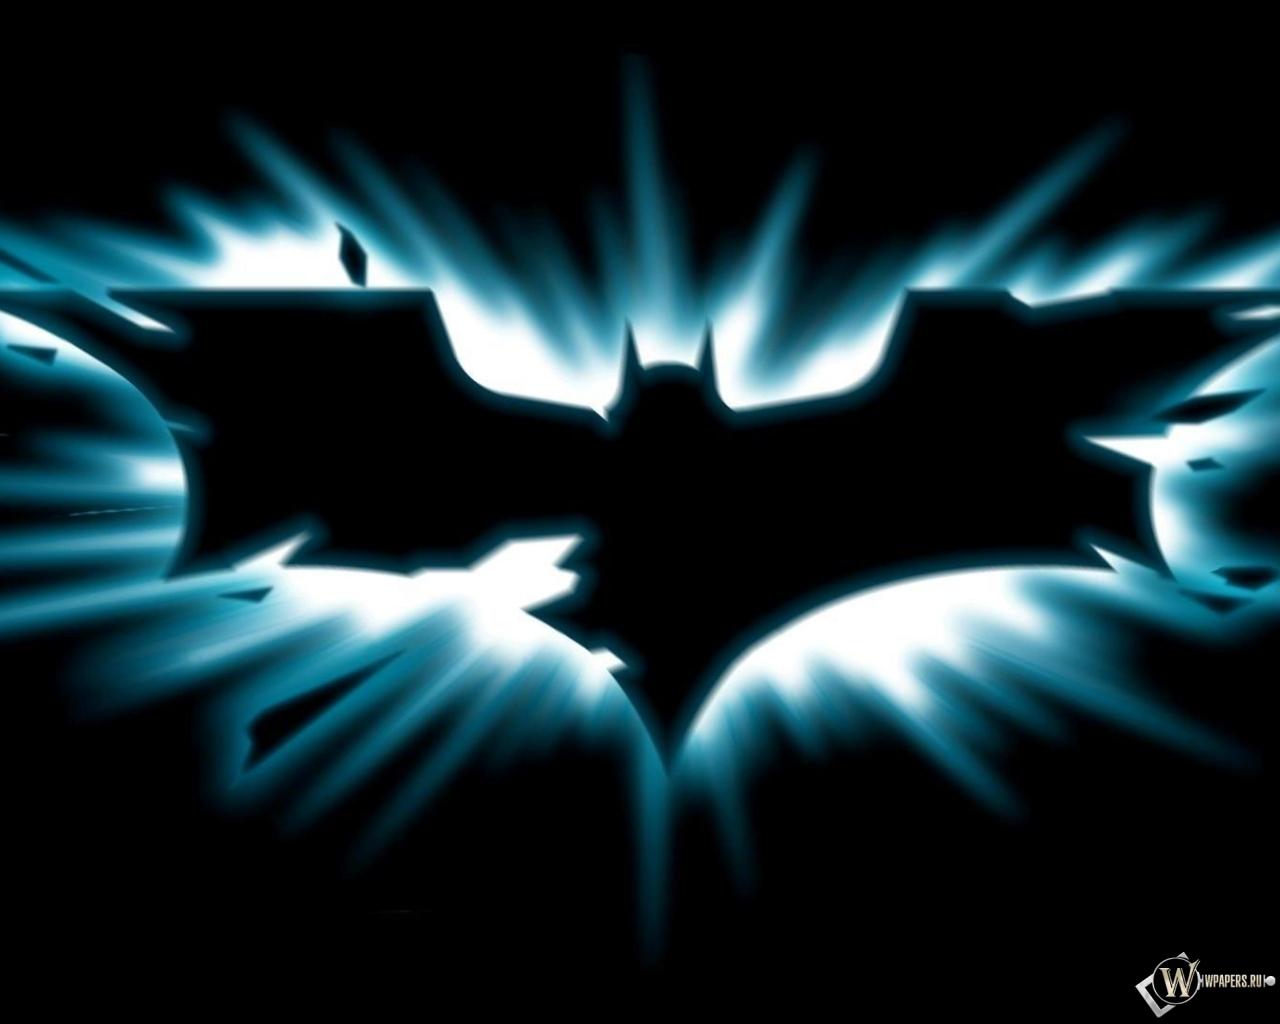 Batman logo обоев 8 marvel обоев 3 batman обоев 10